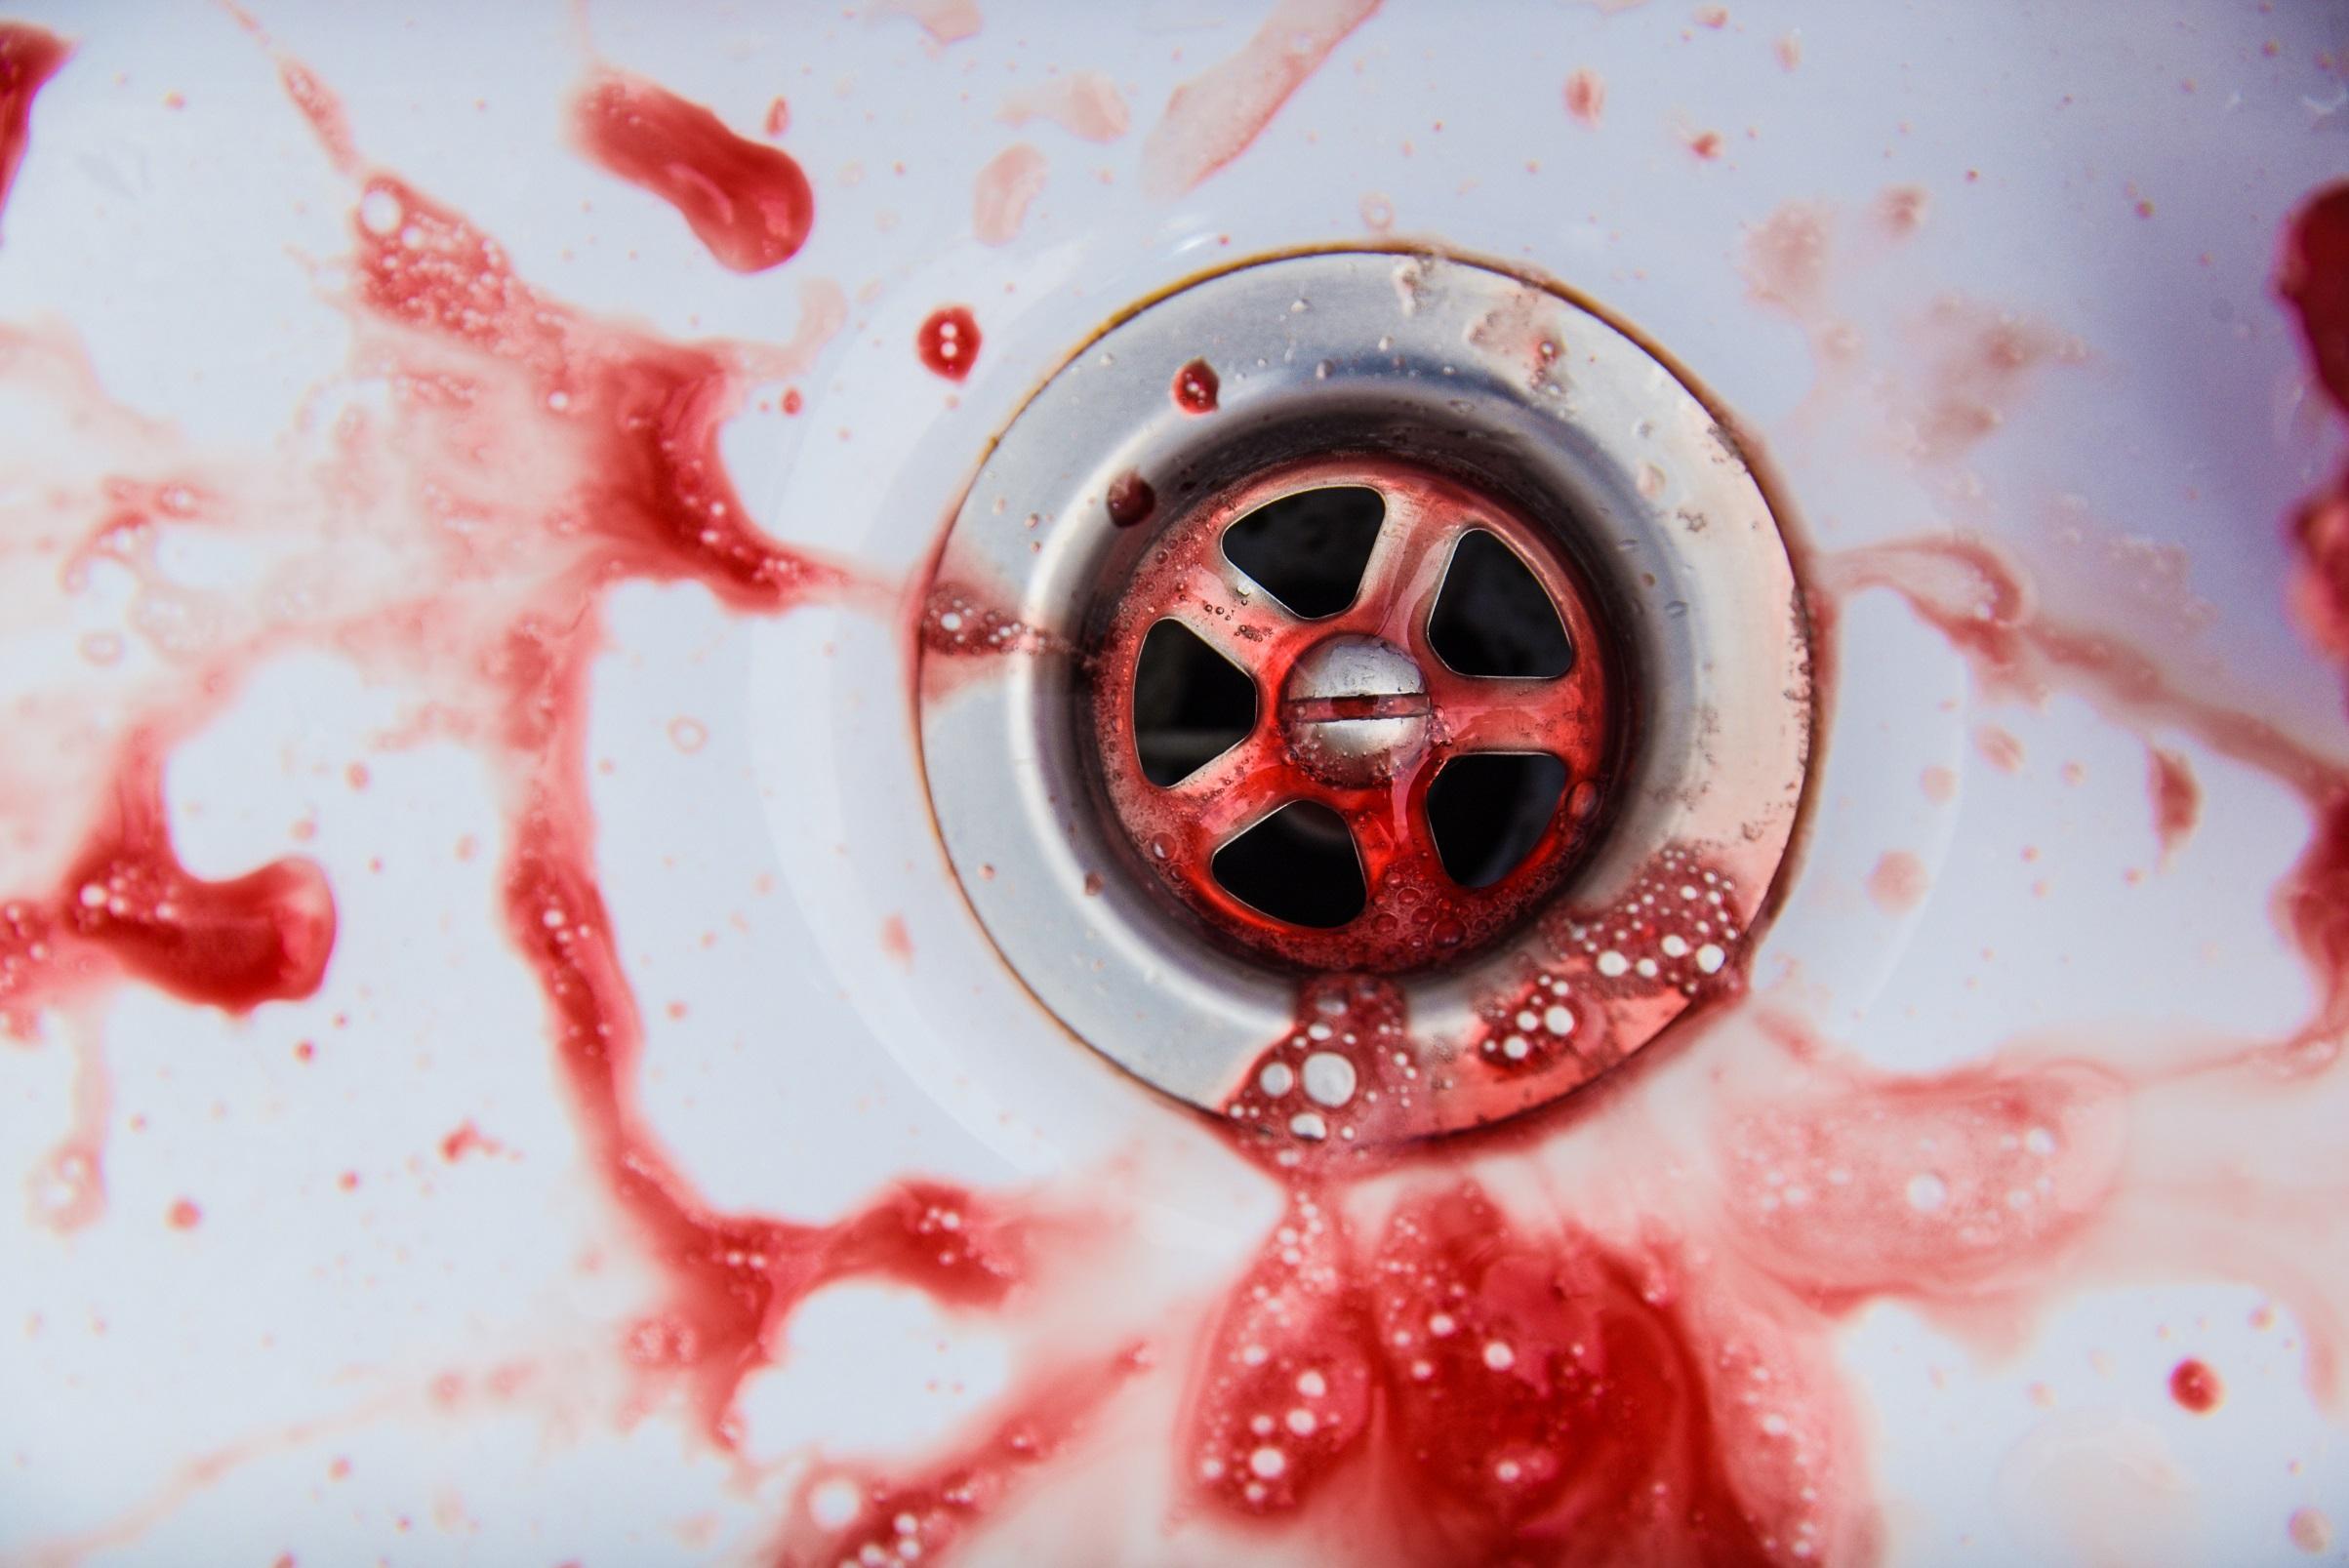 Dunkles blut und helles Wechseljahre: Blutungen